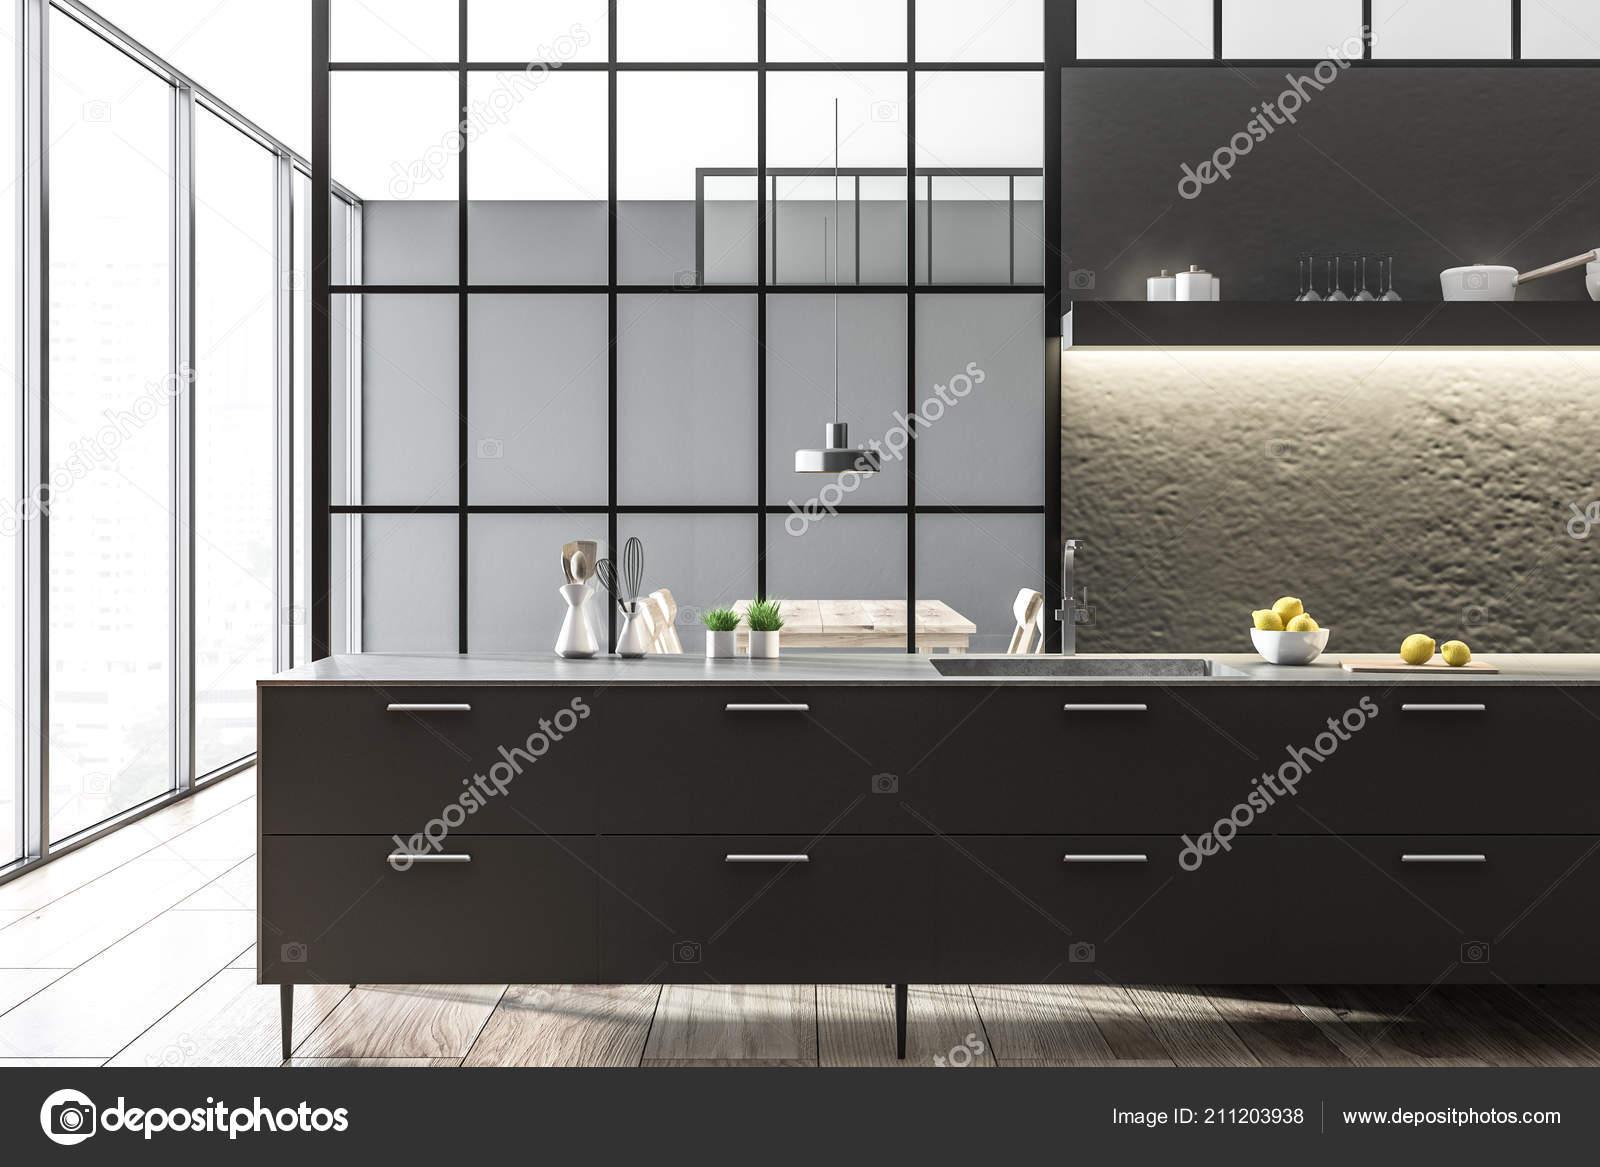 Wnętrze Kuchni Nowoczesne Szare ściany Panoramiczne Okna